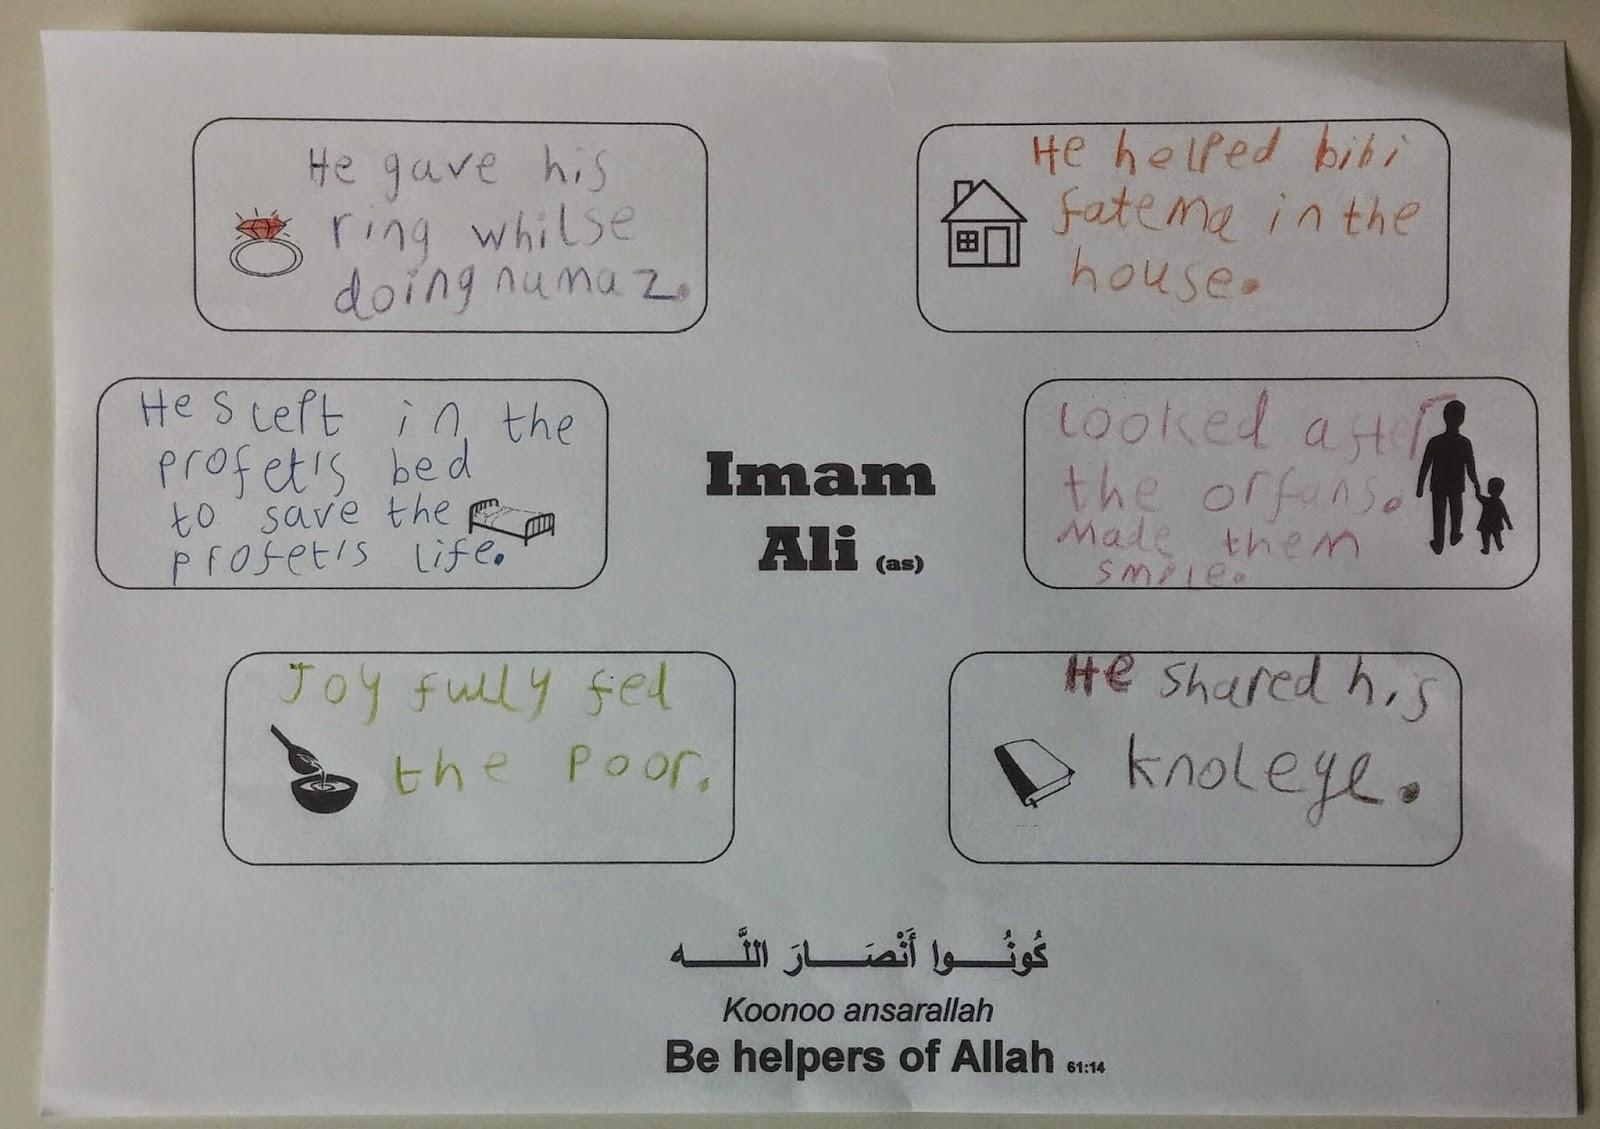 Imam Ali A Helper Of Allah